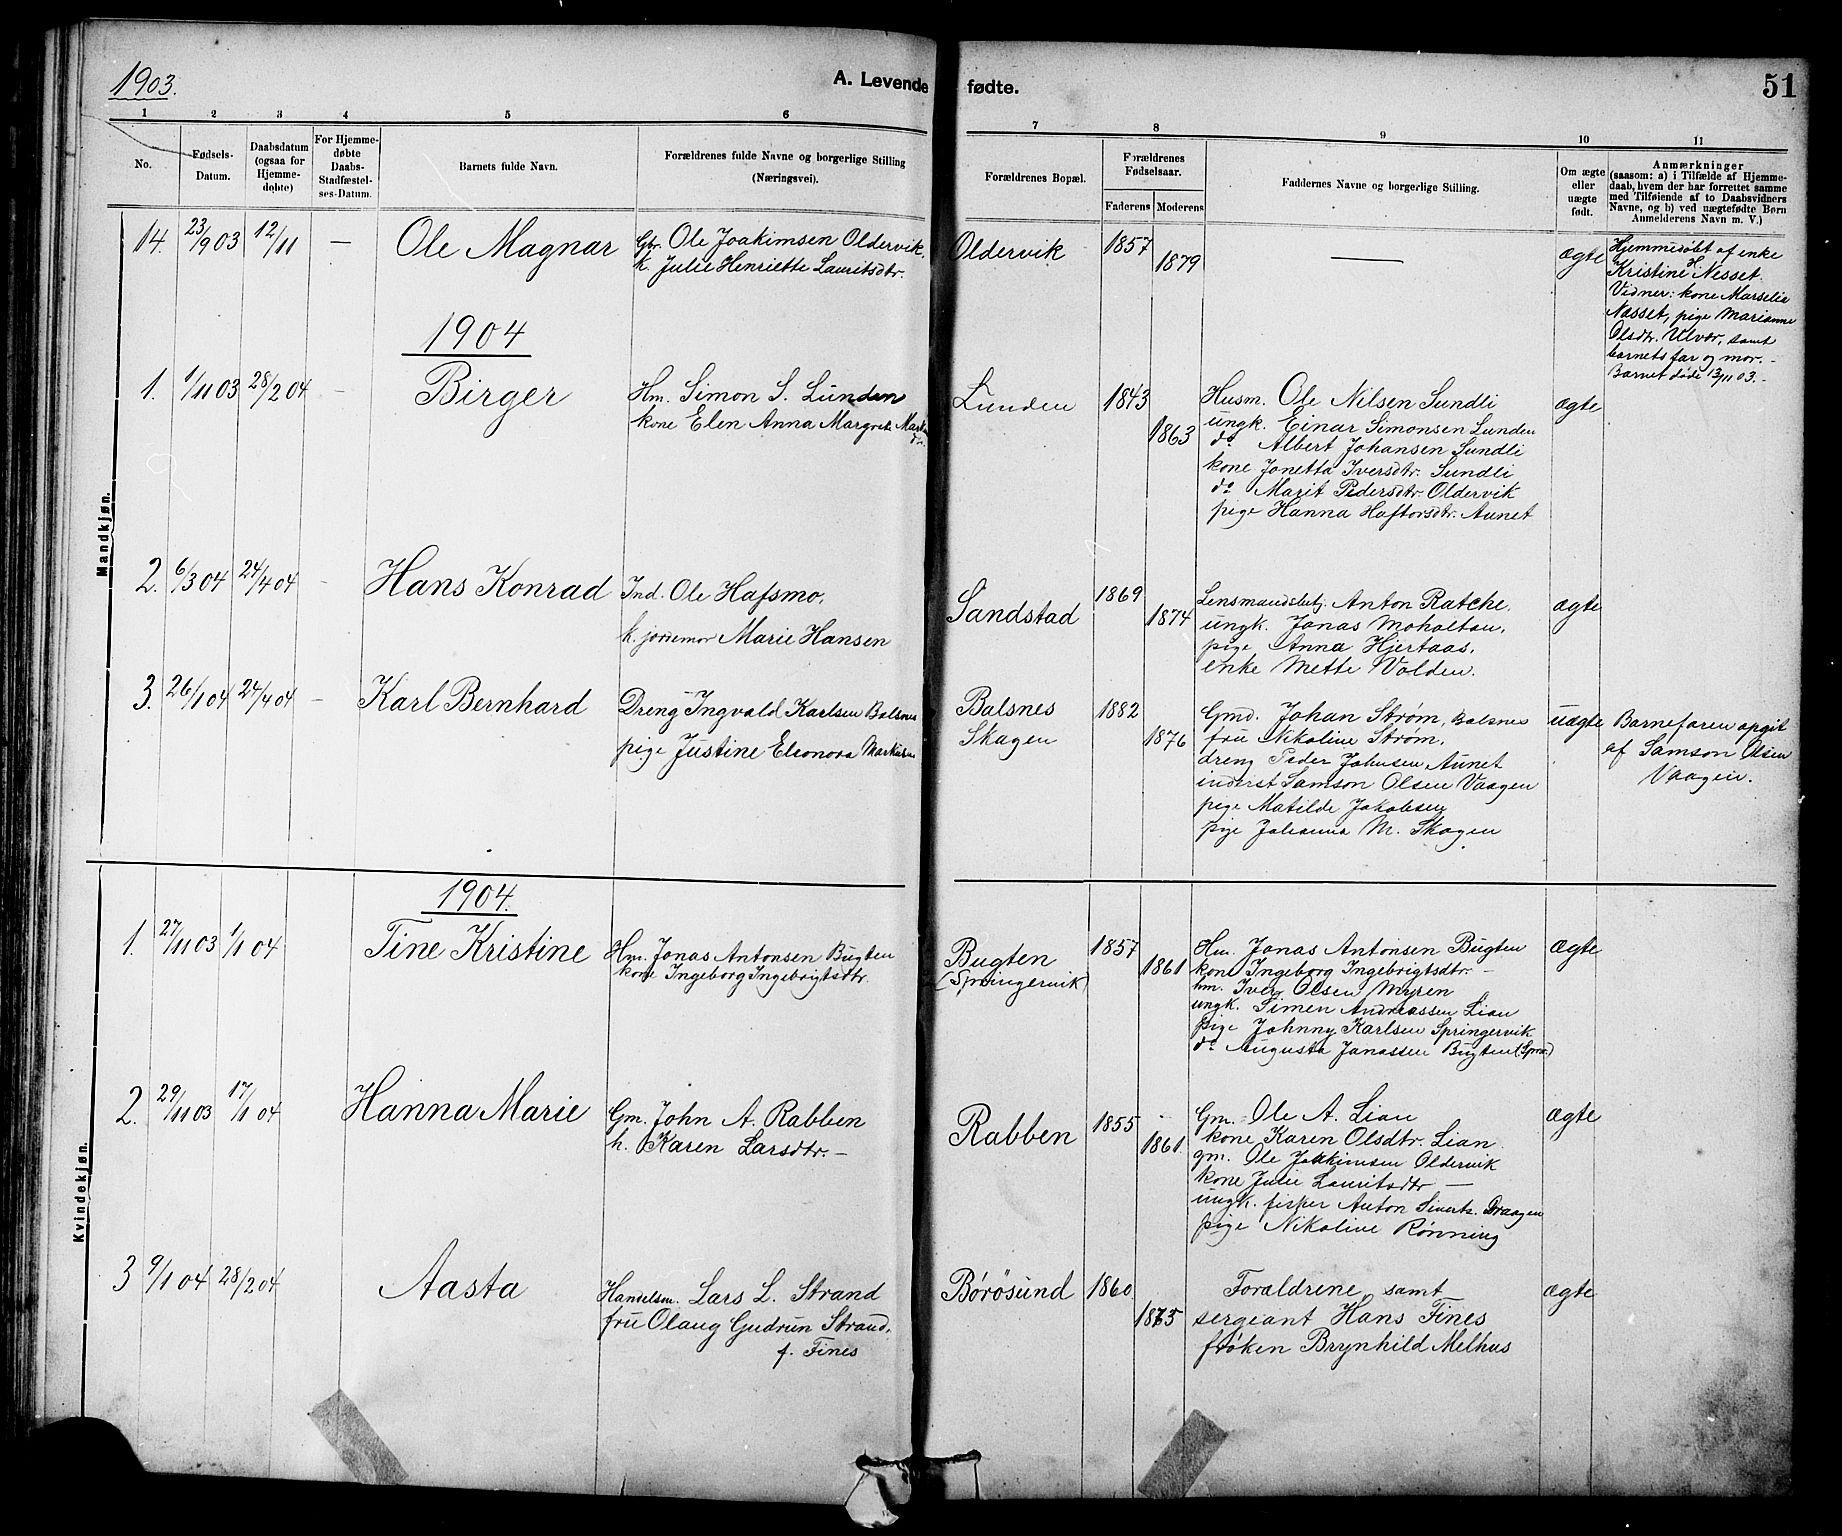 SAT, Ministerialprotokoller, klokkerbøker og fødselsregistre - Sør-Trøndelag, 639/L0573: Klokkerbok nr. 639C01, 1890-1905, s. 51